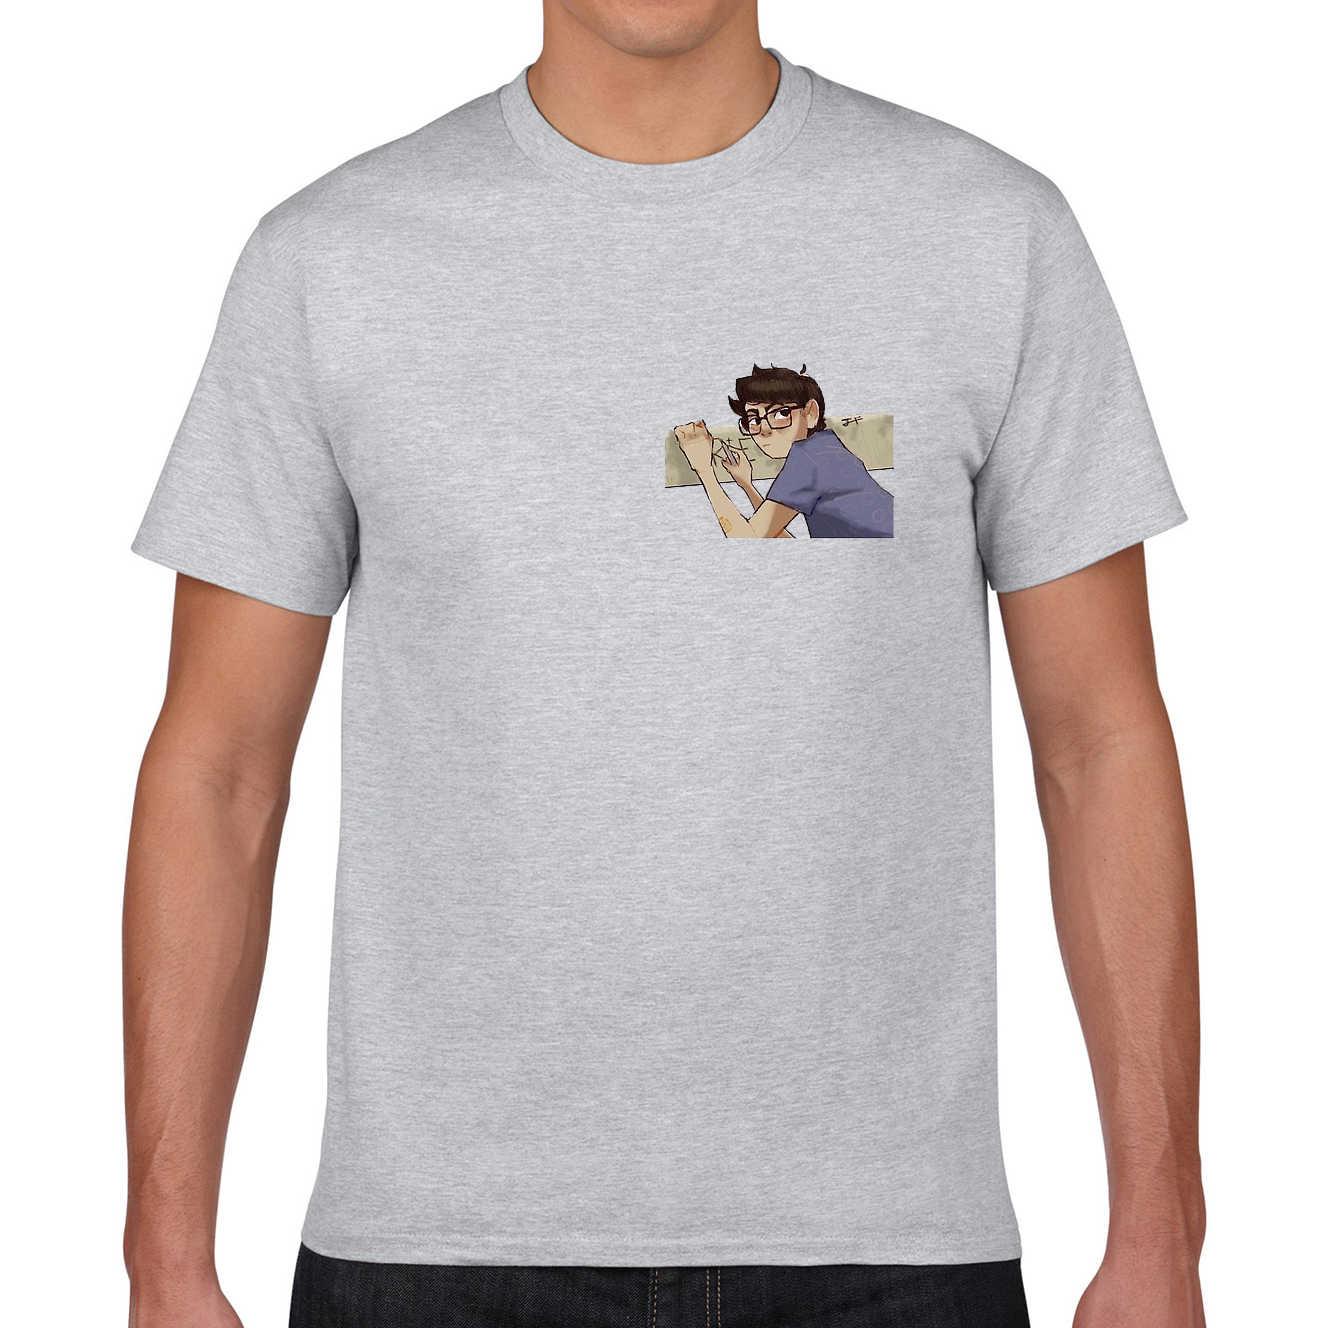 Mens 100% Cotton T Shirt Richie Tozier Merch Stranger Things R + E 그래픽 클래식 T 셔츠 유니섹스 남성용 여성용 팬 티셔츠